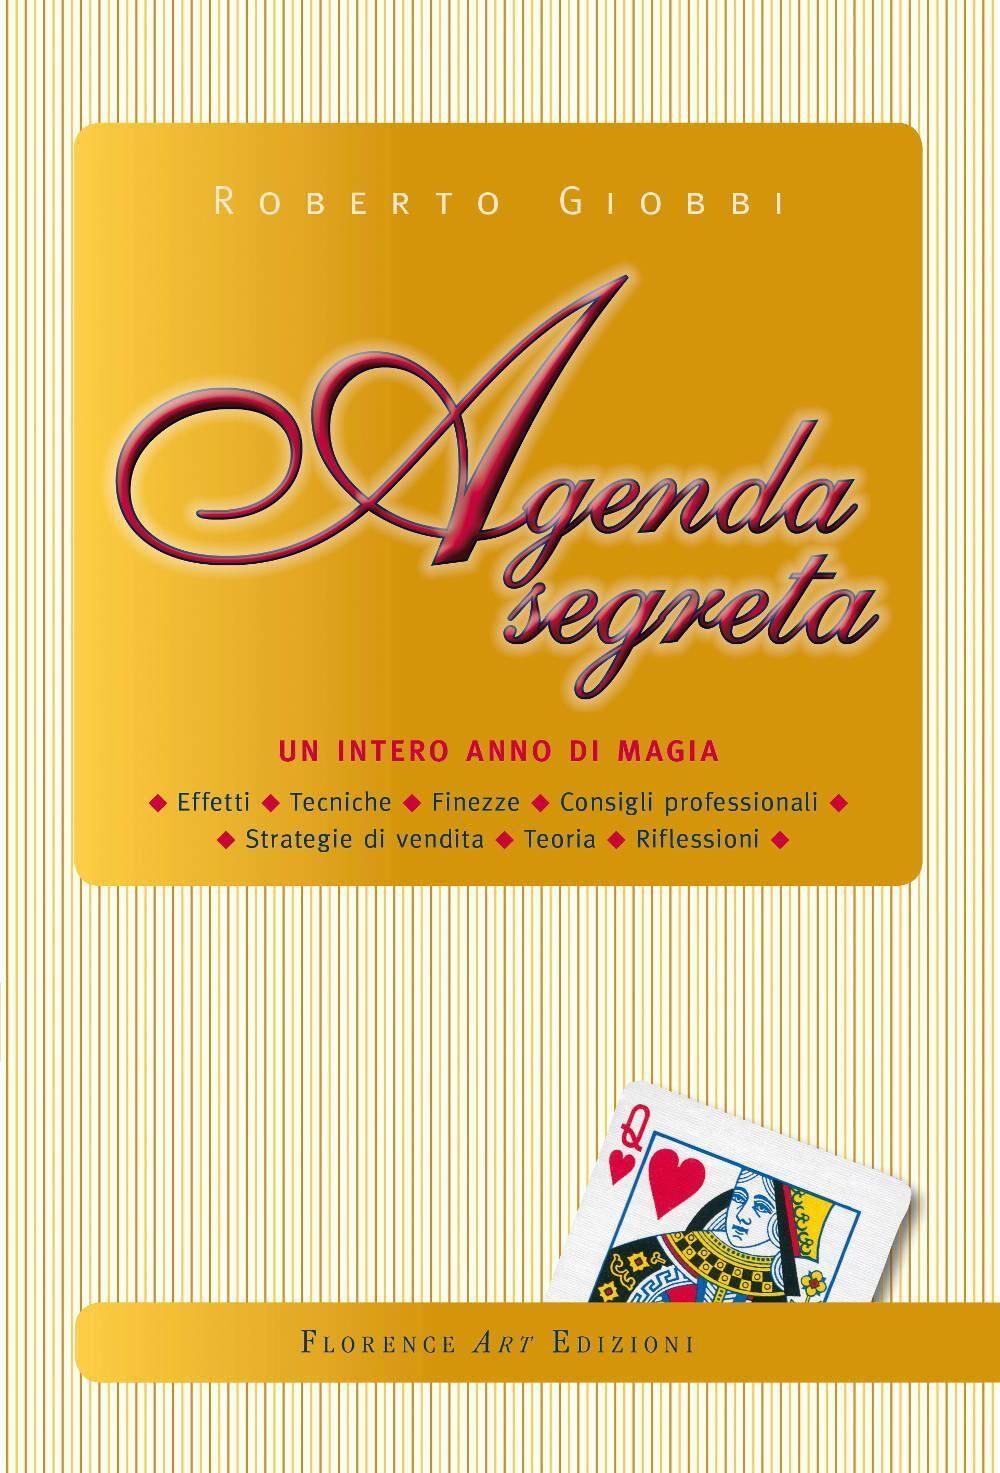 Agenda segreta un intero anno di magia effetti, tecniche, finezze, consigli professionali, strategie di vendita, teoria e riflessioni